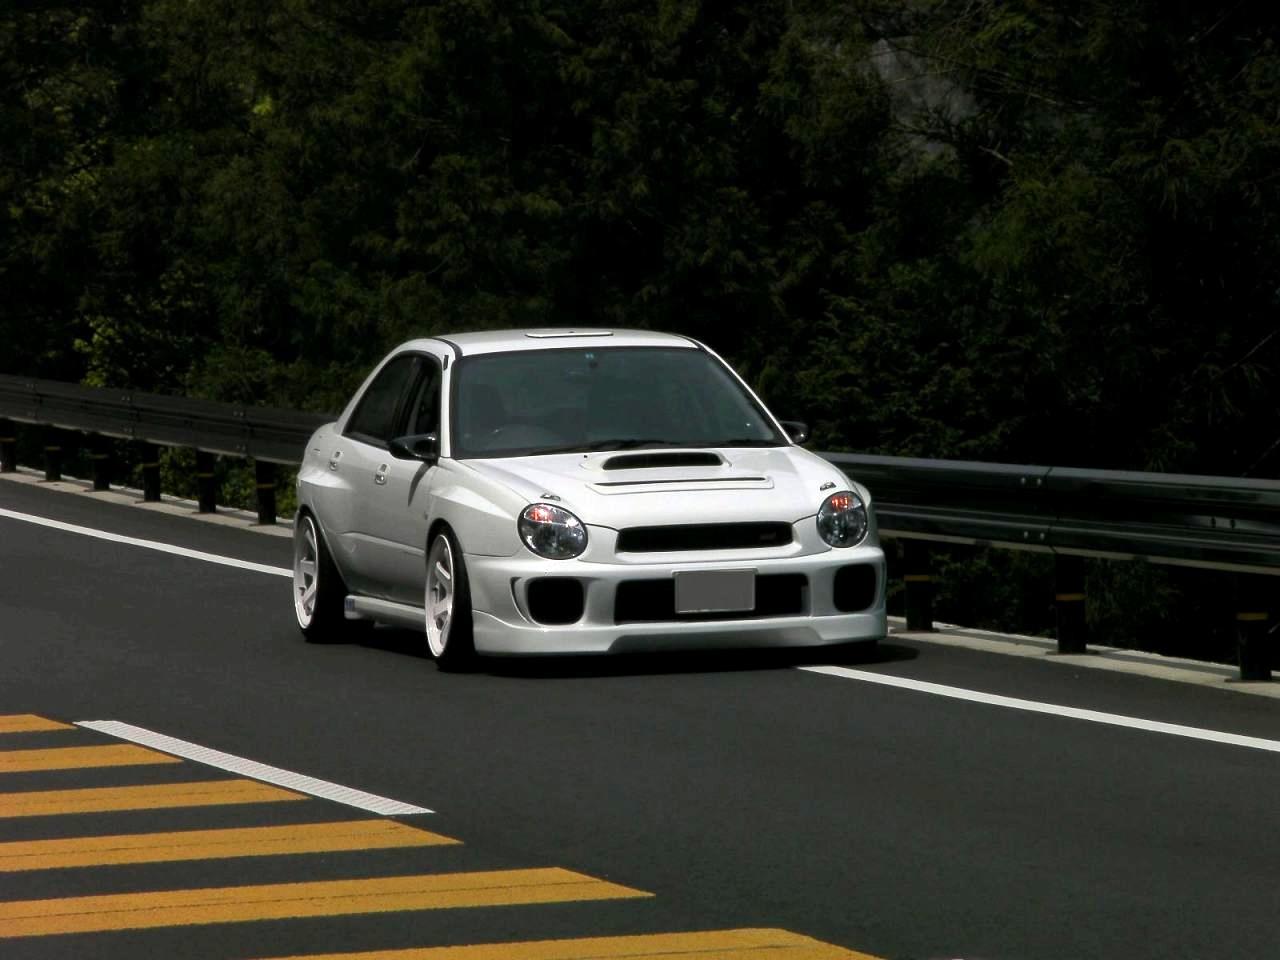 Subaru Impreza II GD 日本車 スバル japoński sportowy sedan